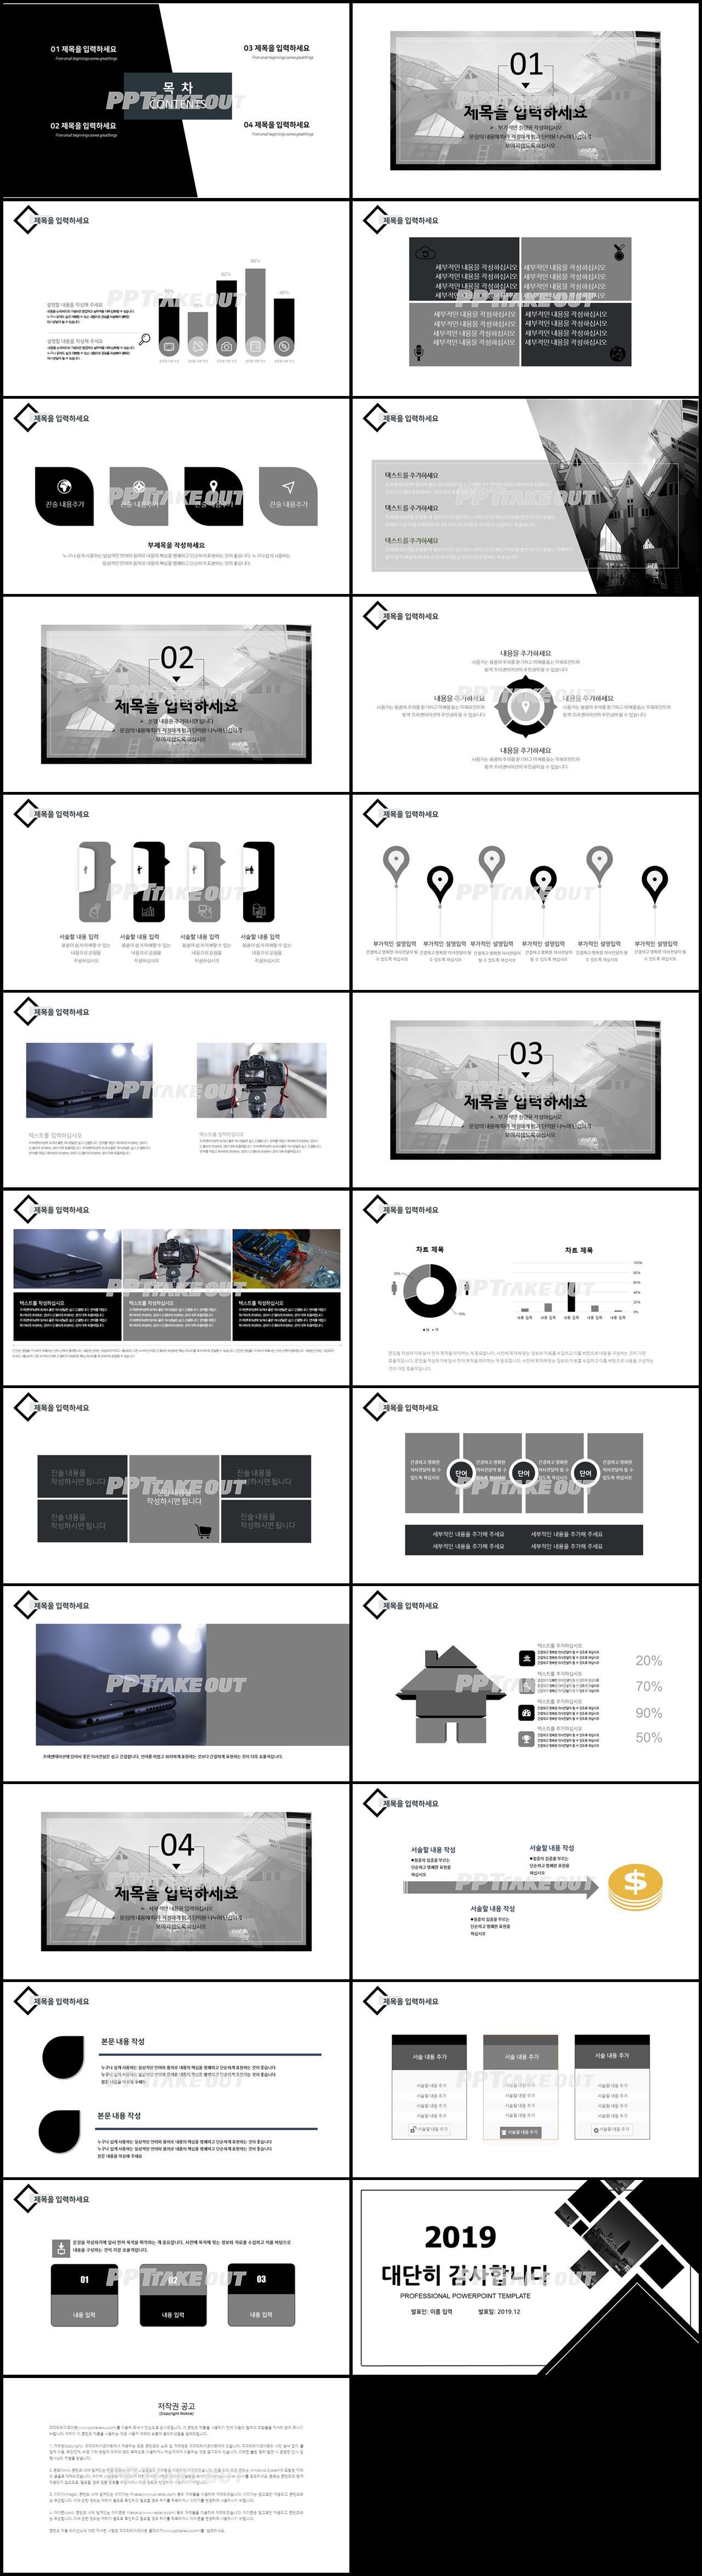 비즈니스 검정색 세련된 고급형 피피티배경 디자인 상세보기